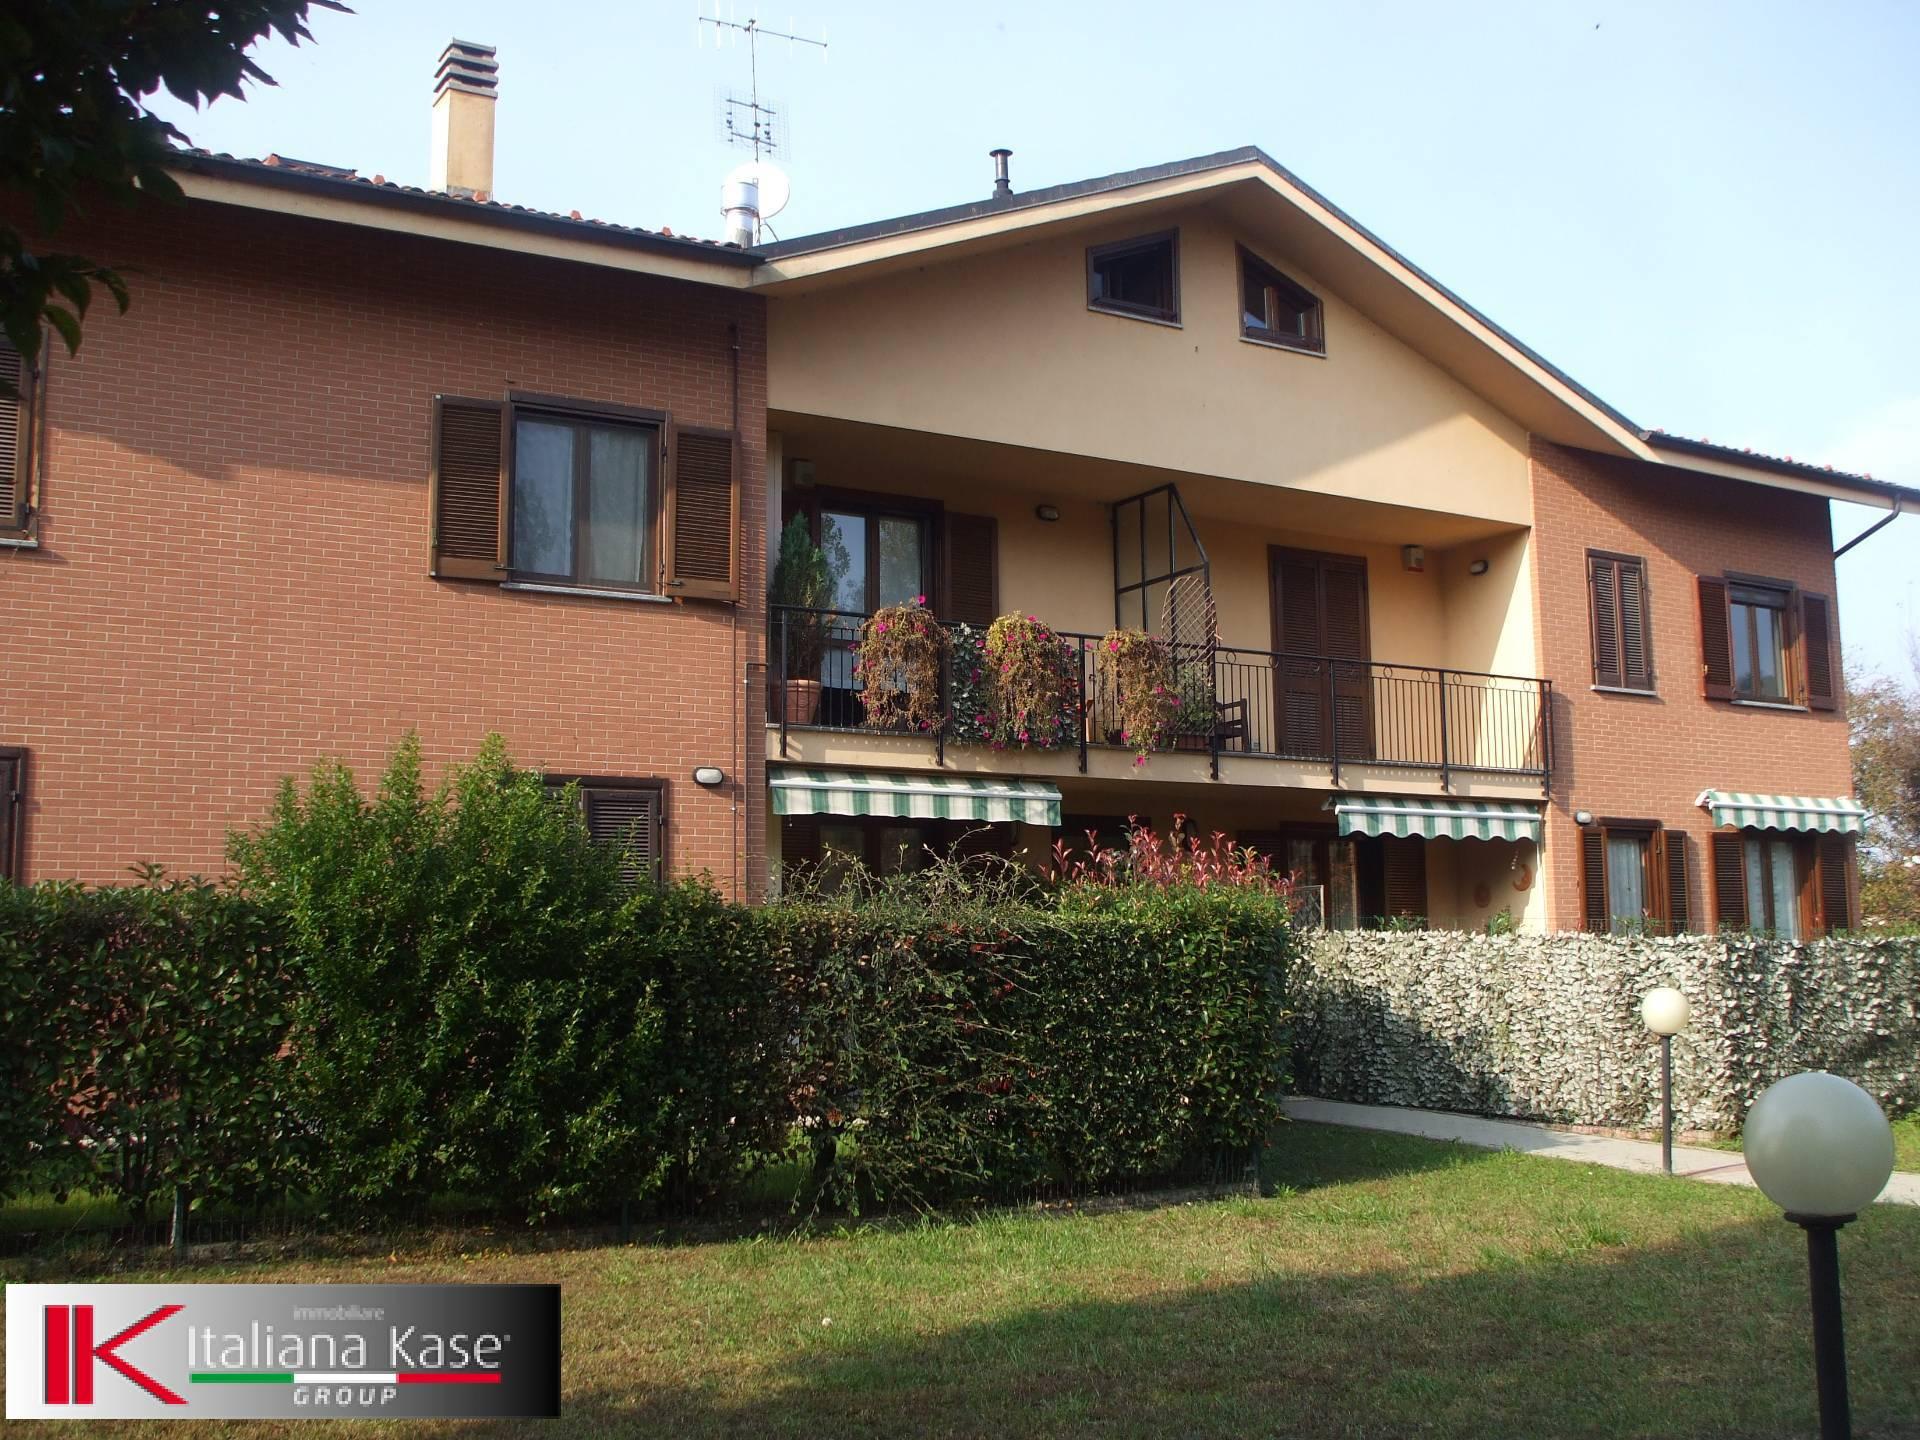 Attico / Mansarda in vendita a Castiglione Torinese, 4 locali, prezzo € 75.000 | PortaleAgenzieImmobiliari.it